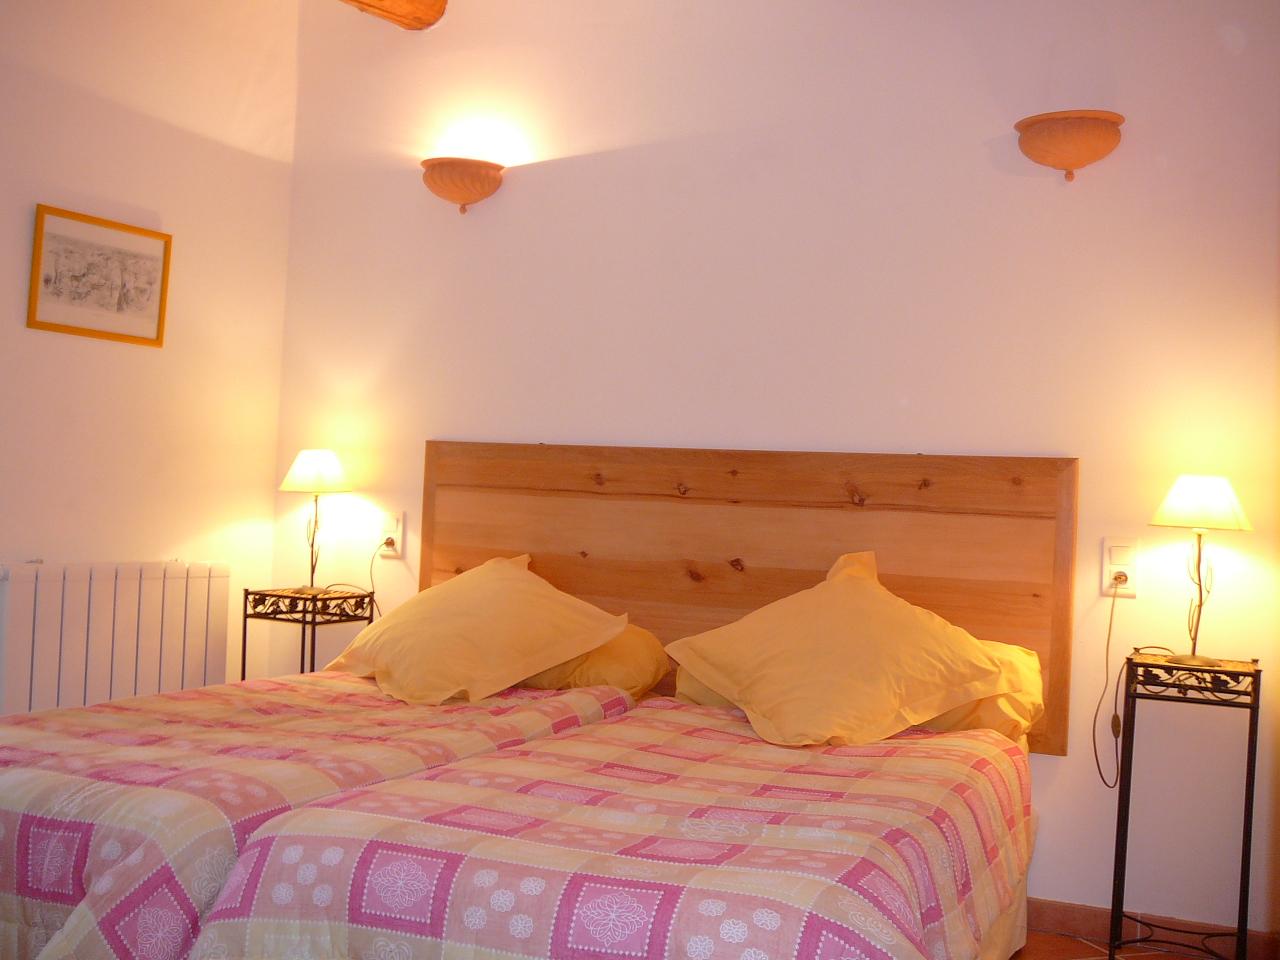 Chambre 2 petits lits de la location